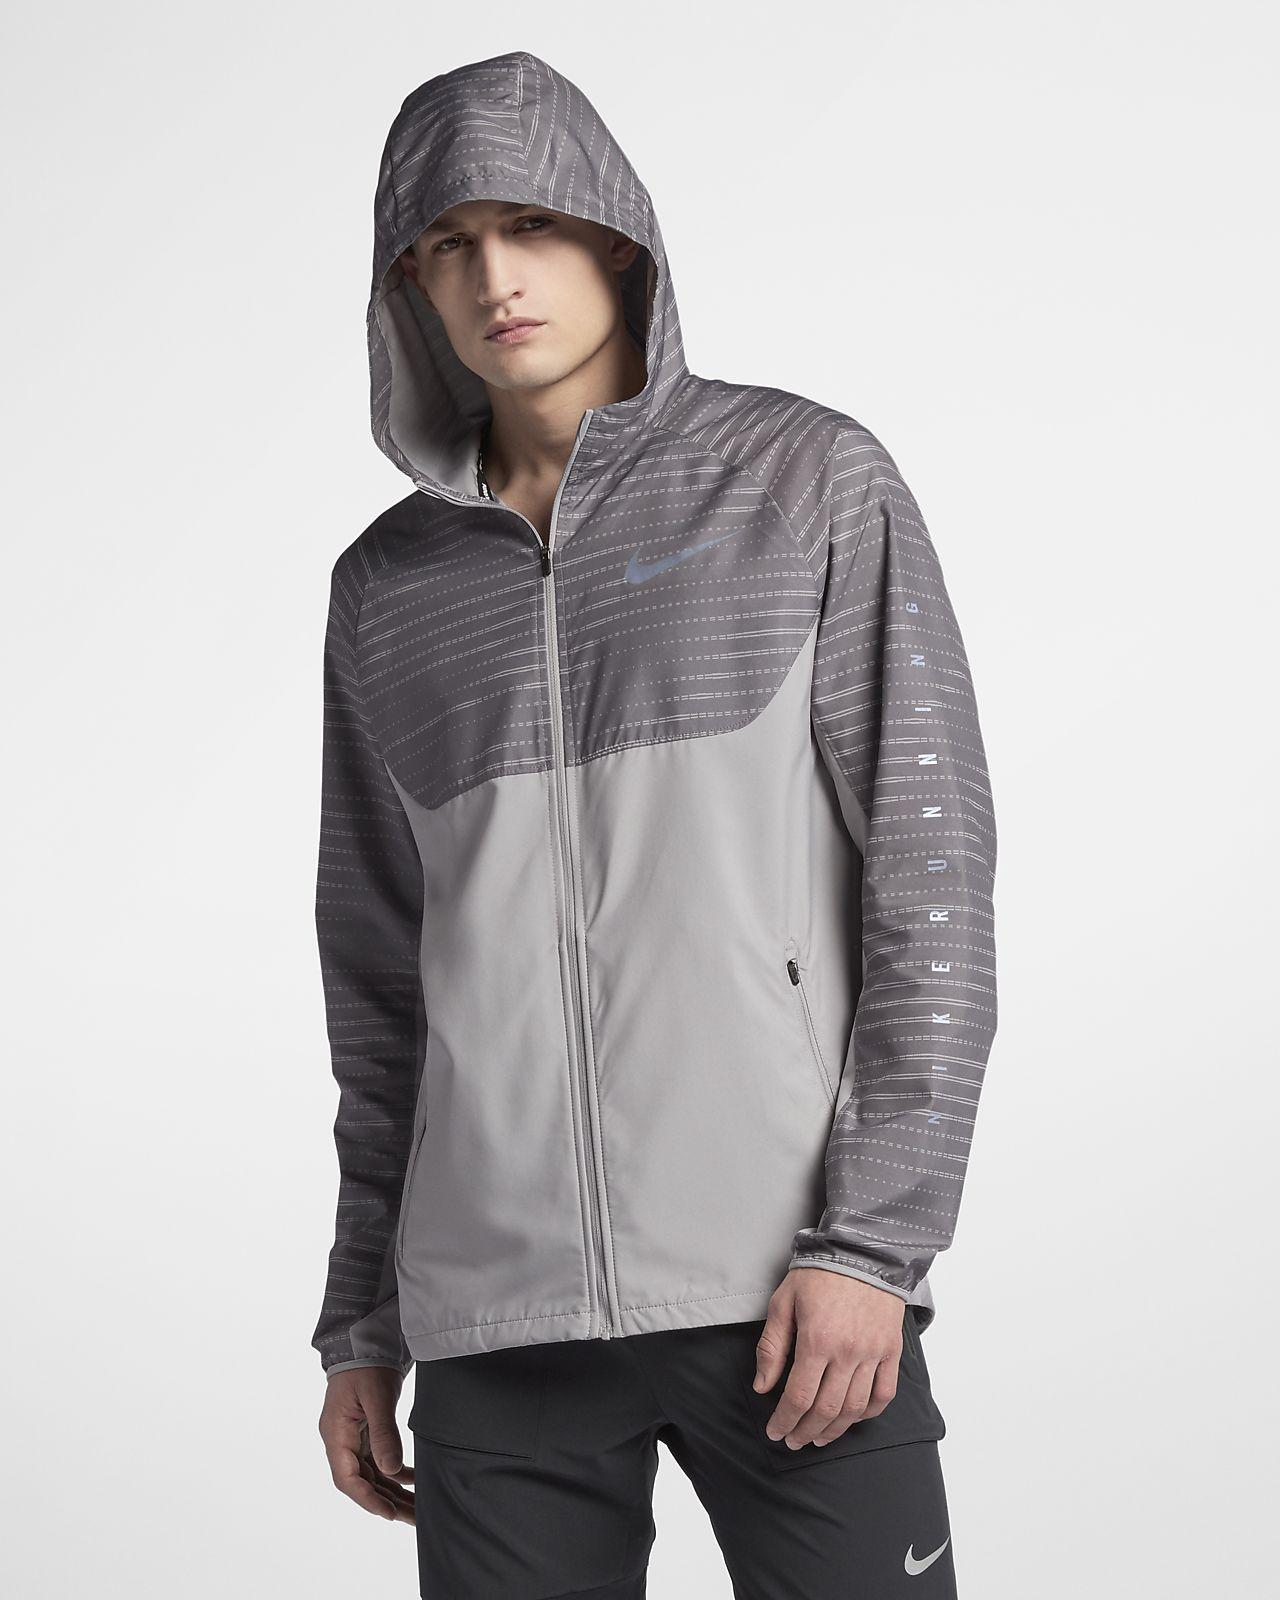 ... Nike Essential Men's Hooded Running Jacket